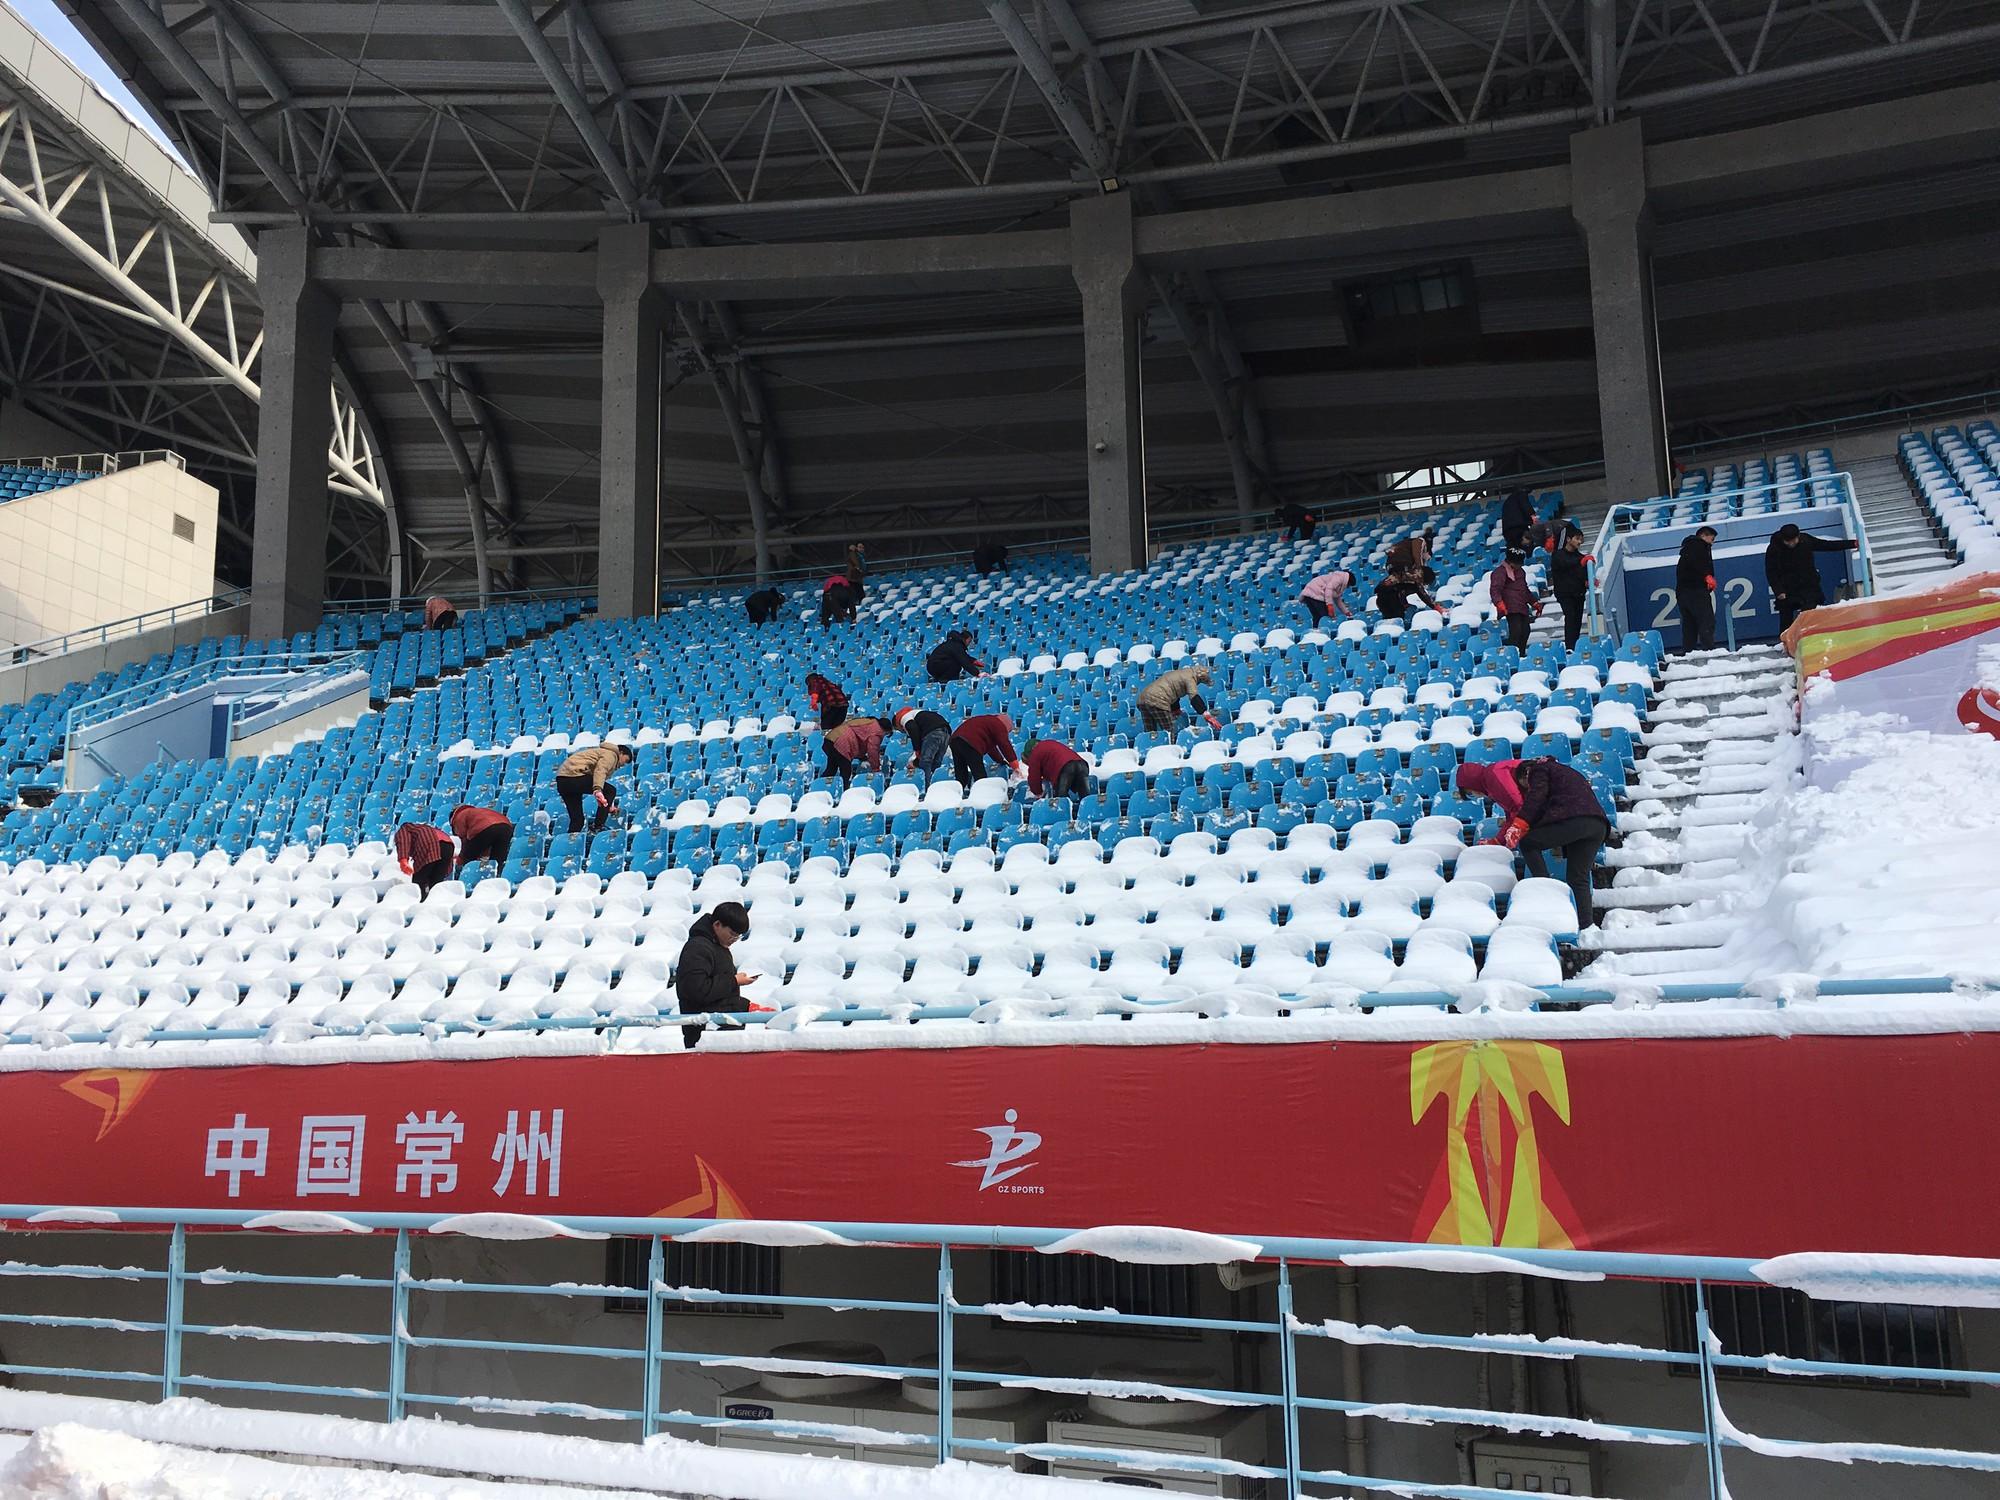 Còn vài tiếng nữa nhưng các fan tại Thường Châu đã sốt sắng, chuẩn bị